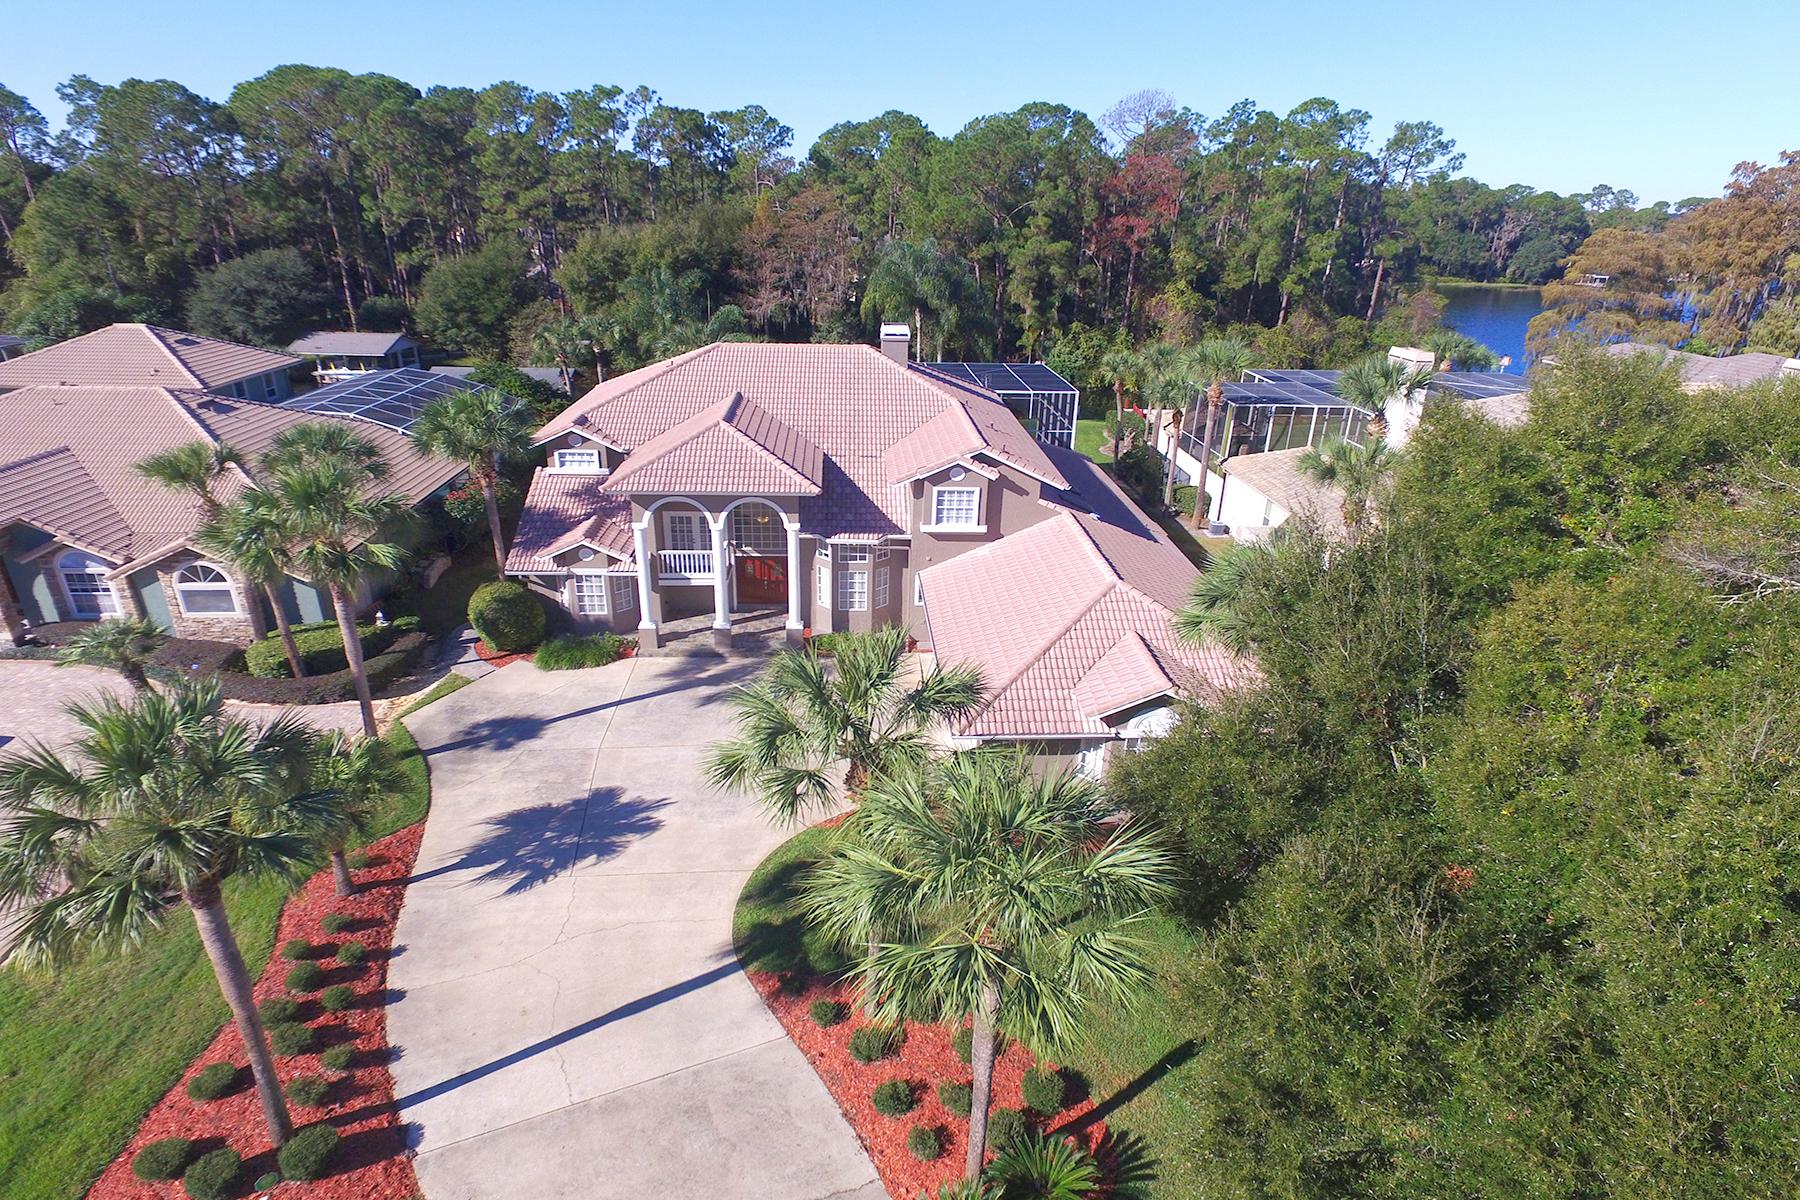 Casa Unifamiliar por un Venta en ORLANDO FLORIDA 5602 Bay Side Dr Orlando, Florida 32819 Estados Unidos